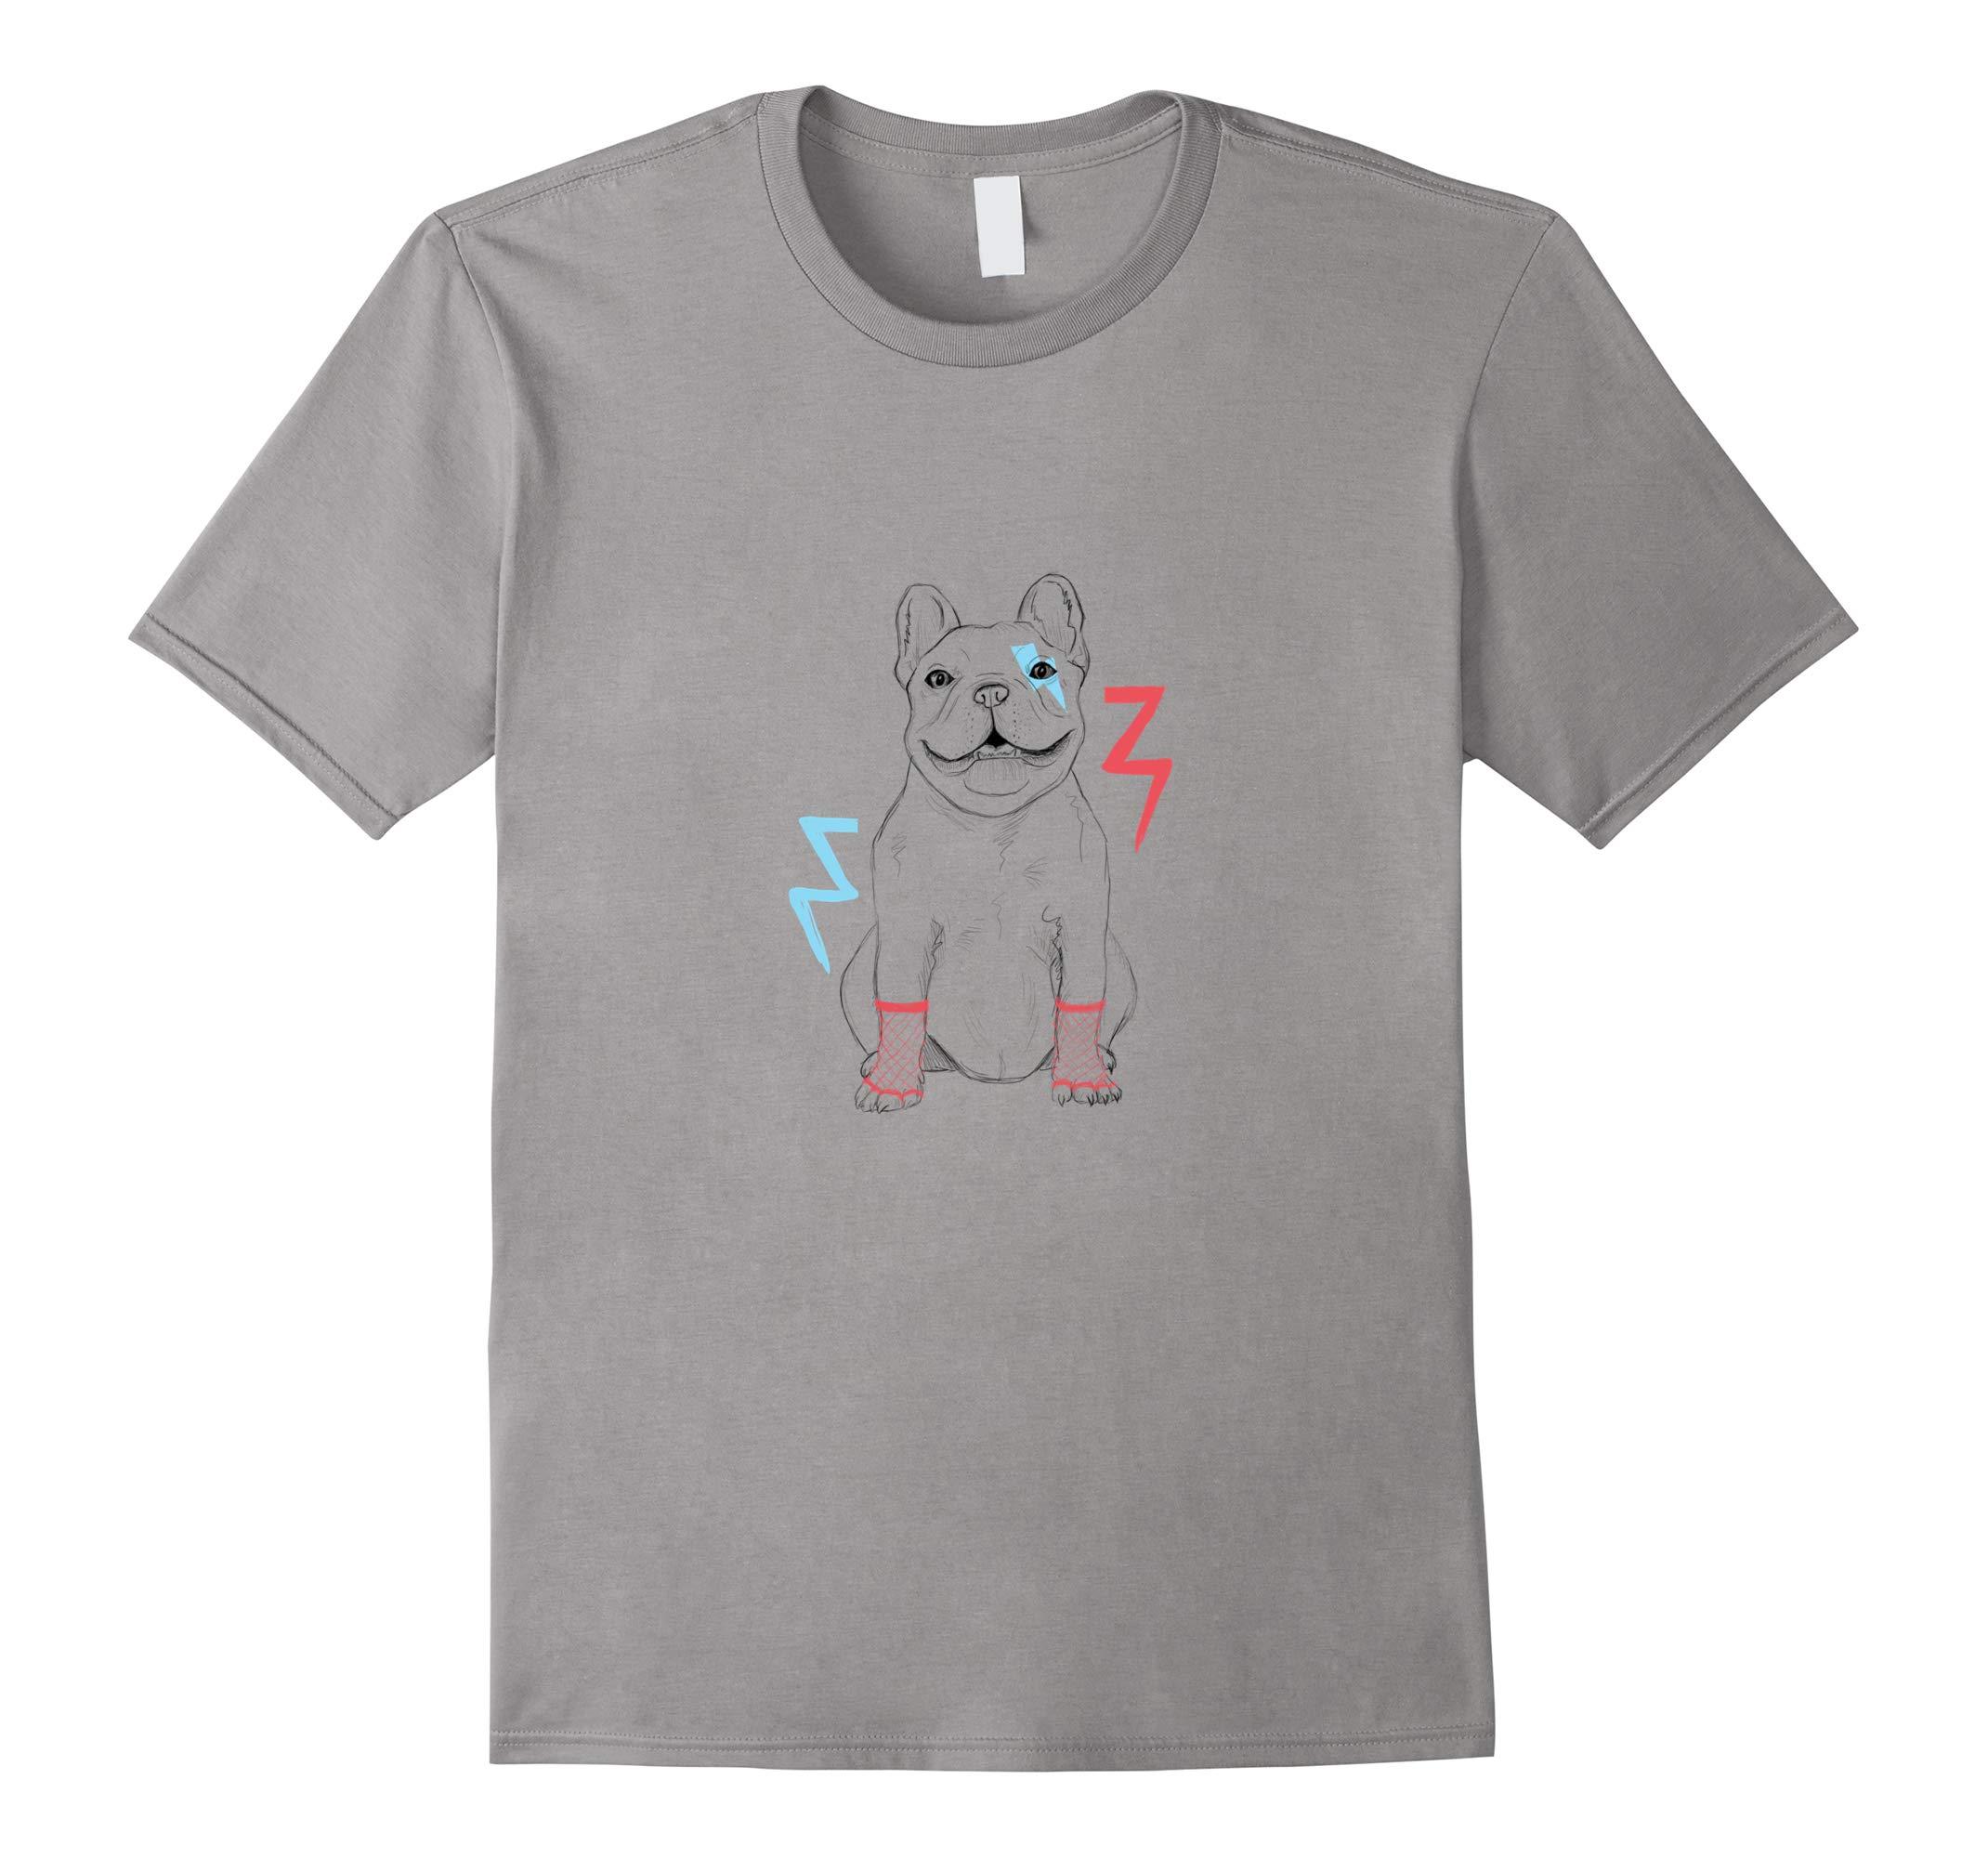 Bulldog Retro T Shirt Hip Fun Dog Lover Novelty Cool Shirt-RT